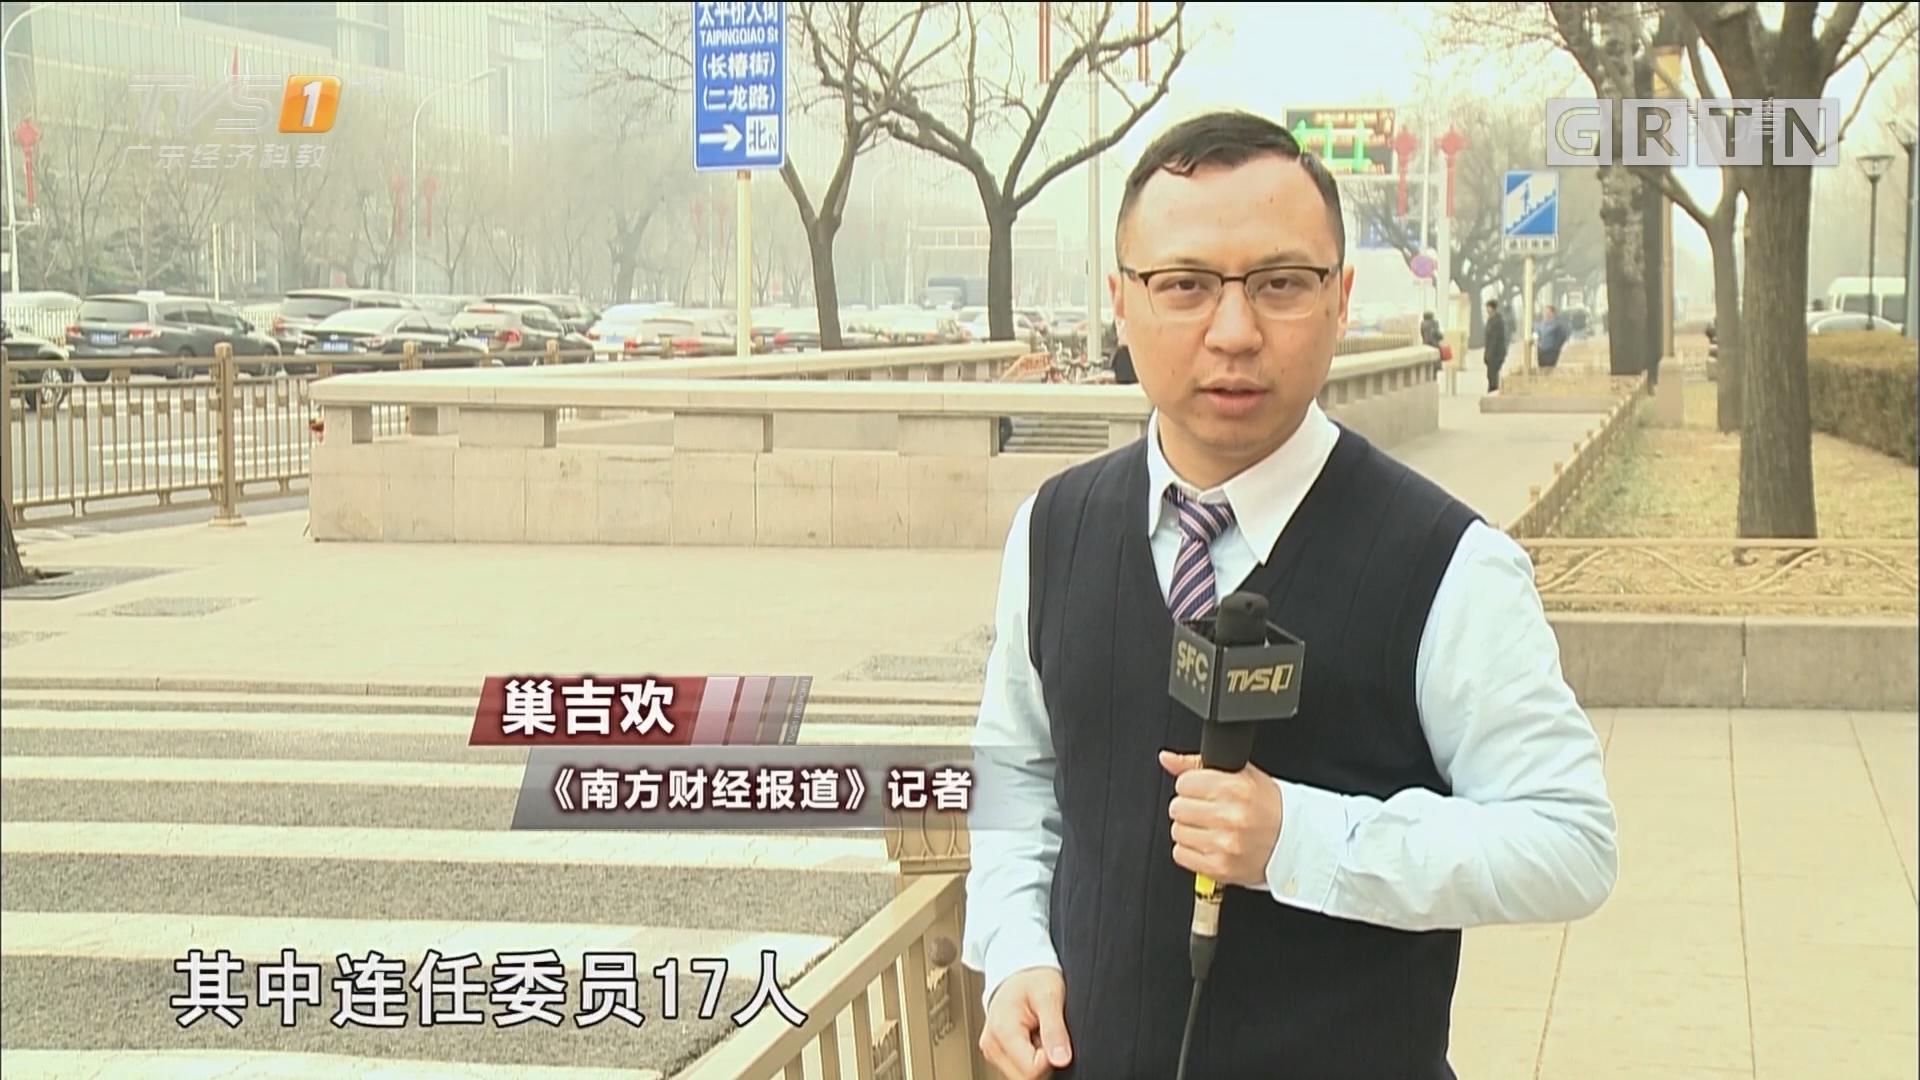 住粤全国政协委员赴京 哪些热点受关注?